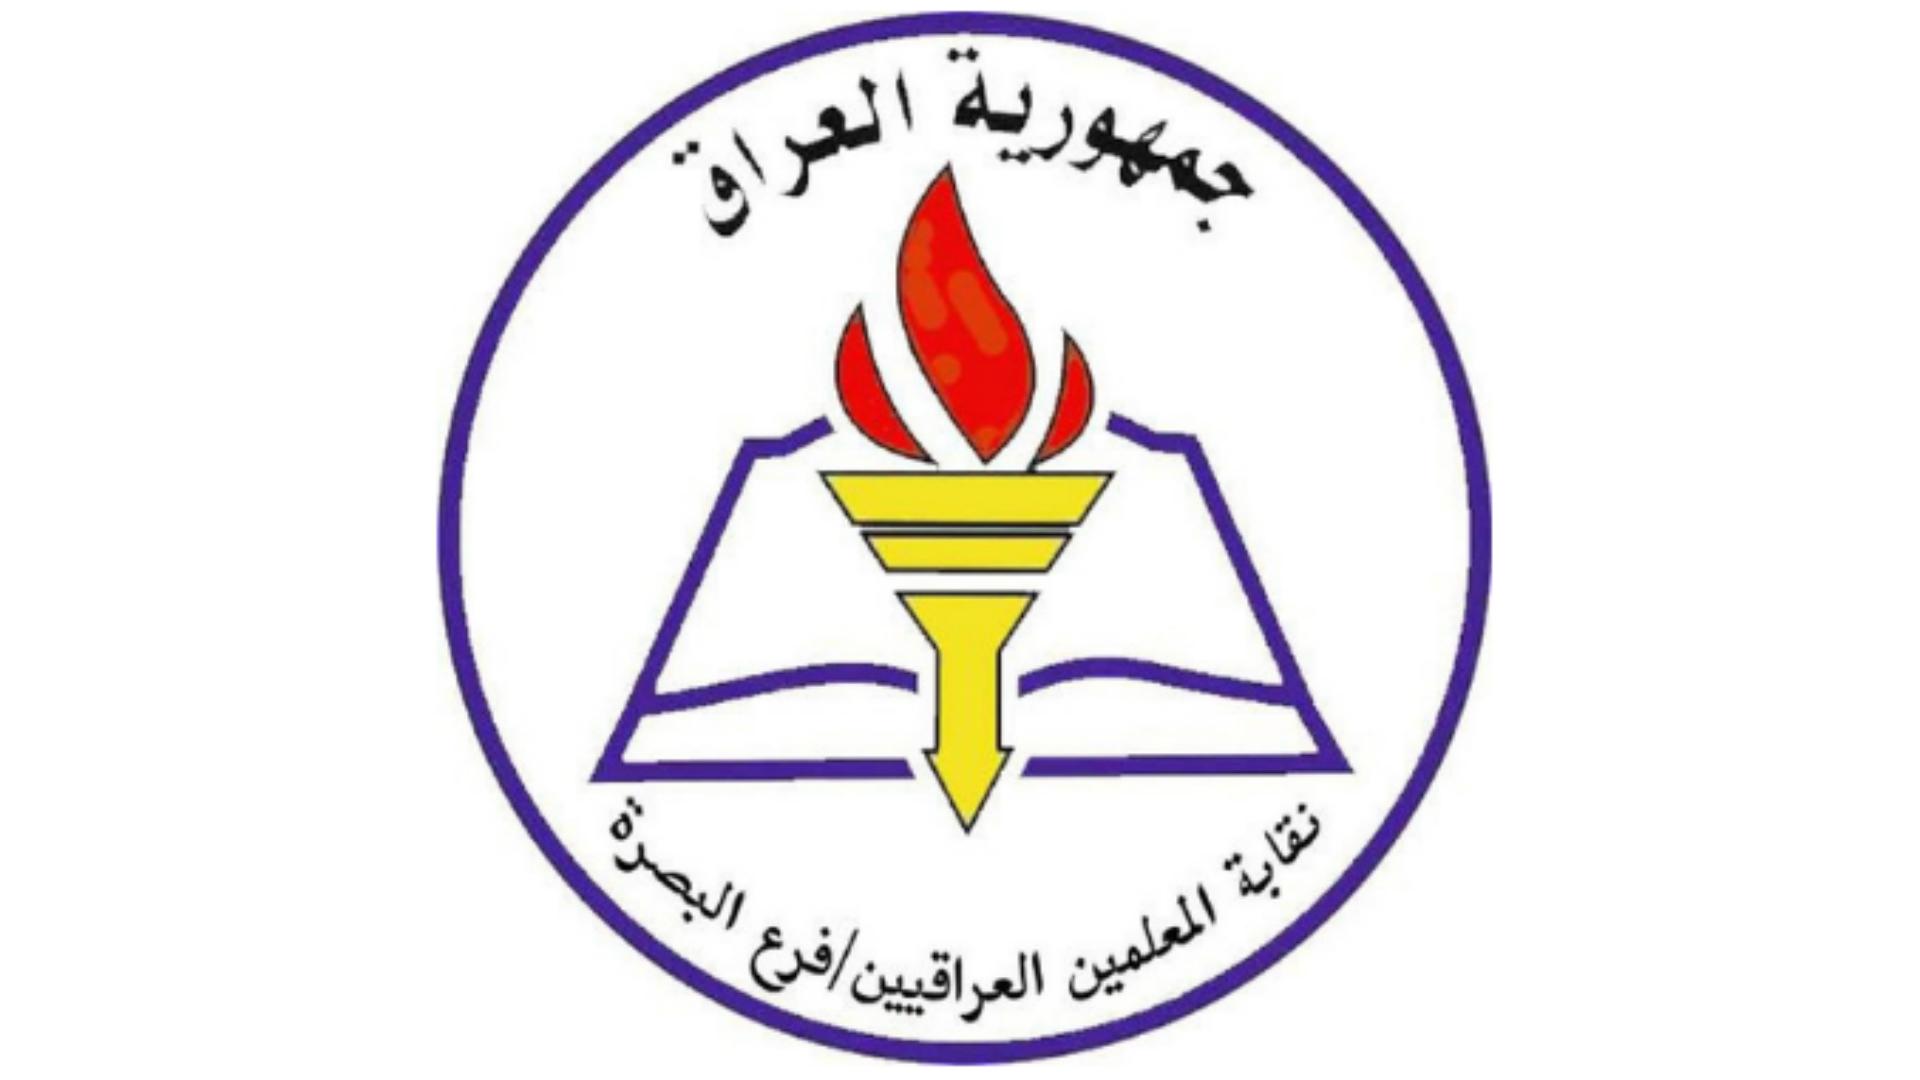 معلمو البصرة يطالبون بالحماية بعد اعتداء طالب على مدير مركز امتحاني